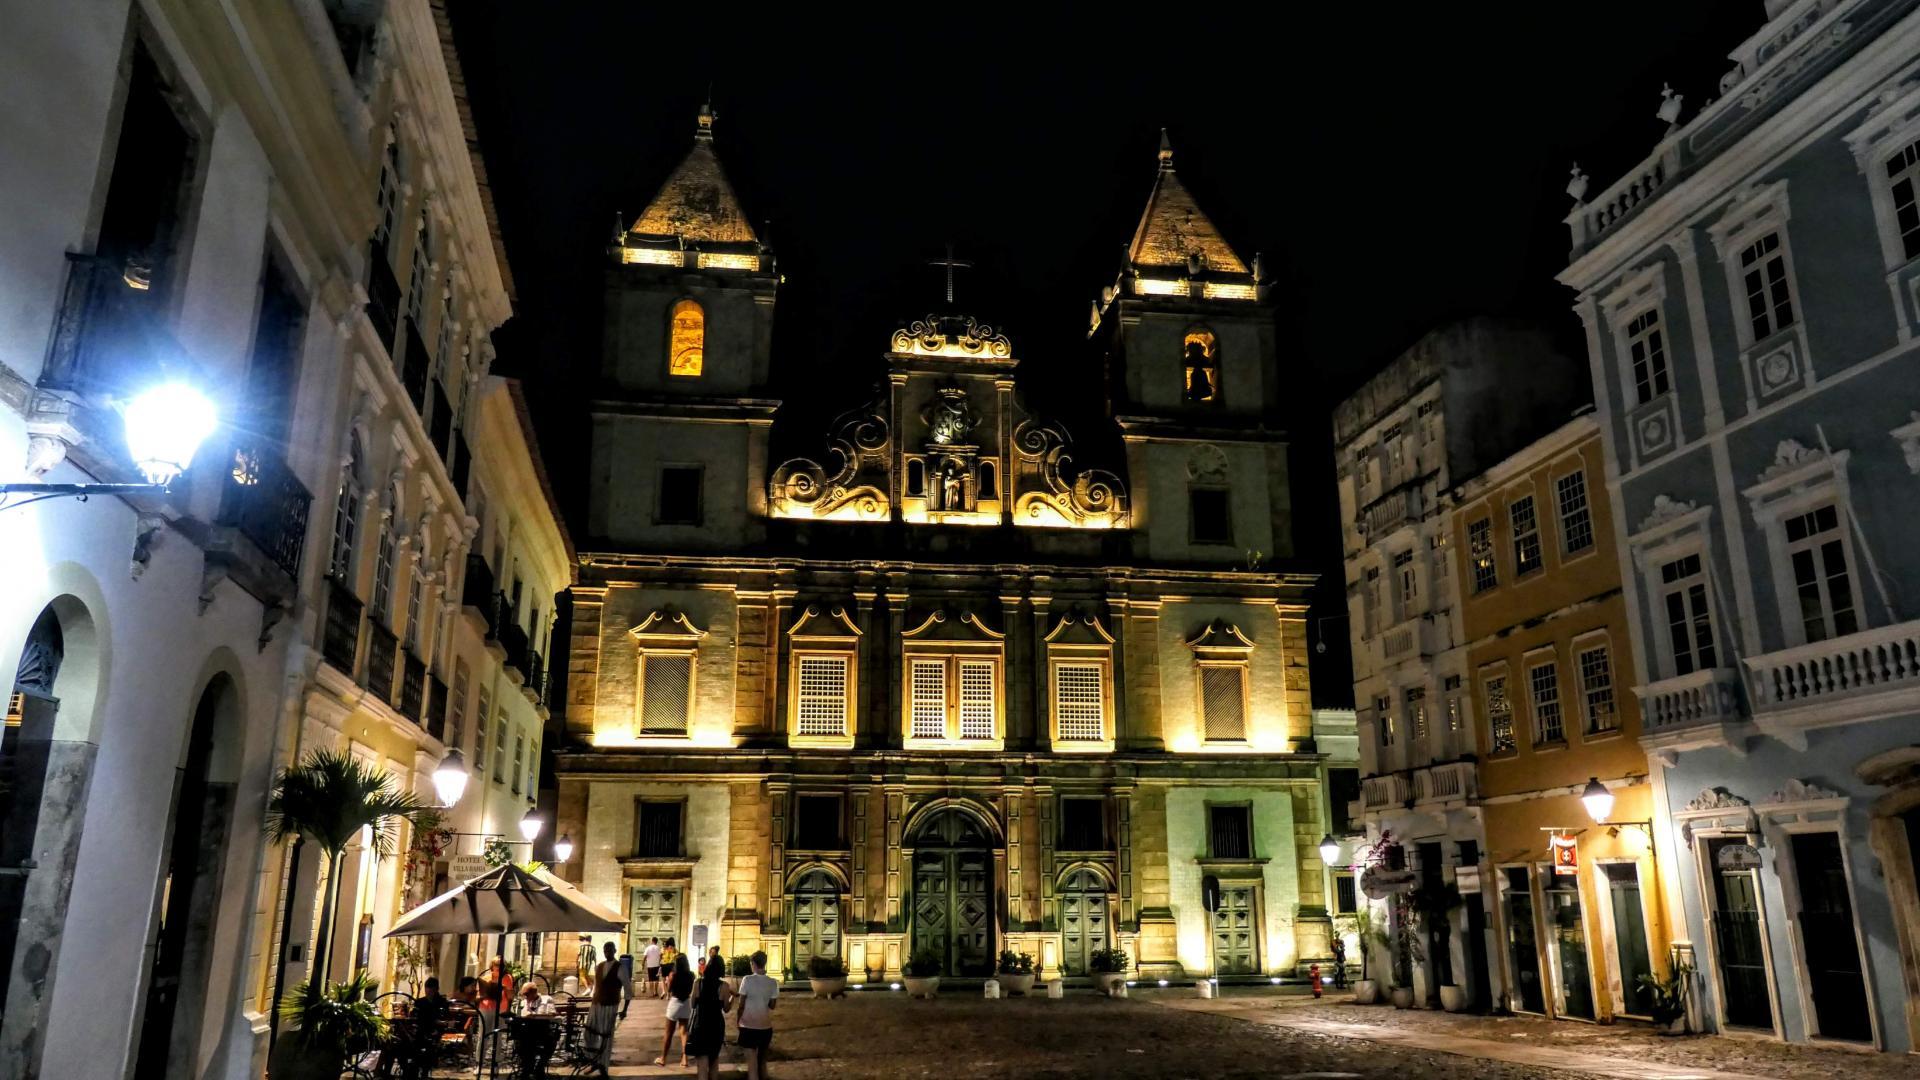 Weihnachtsstimmung in Salvador: des nachts festlich beleuchtete Kirche